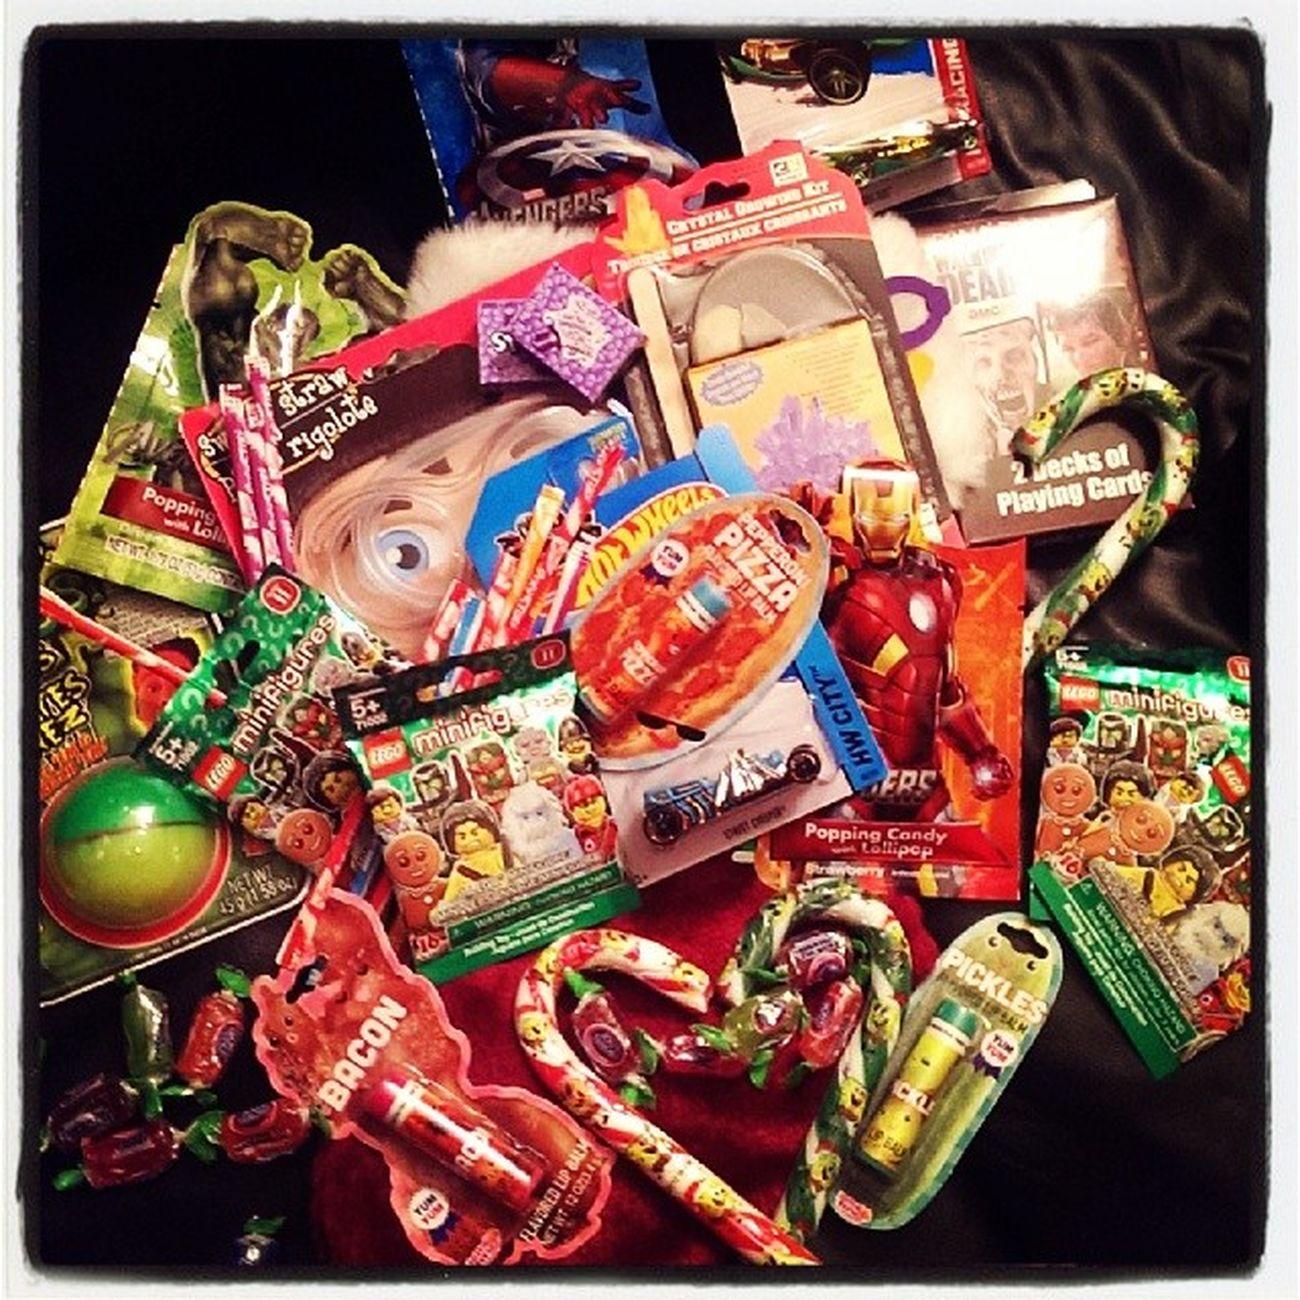 StockingStuffers Christmas ChristmasEVe Candy candyCanes nerds walkingDead lego legoFigs superHeroes pepperoniLipBalm lol